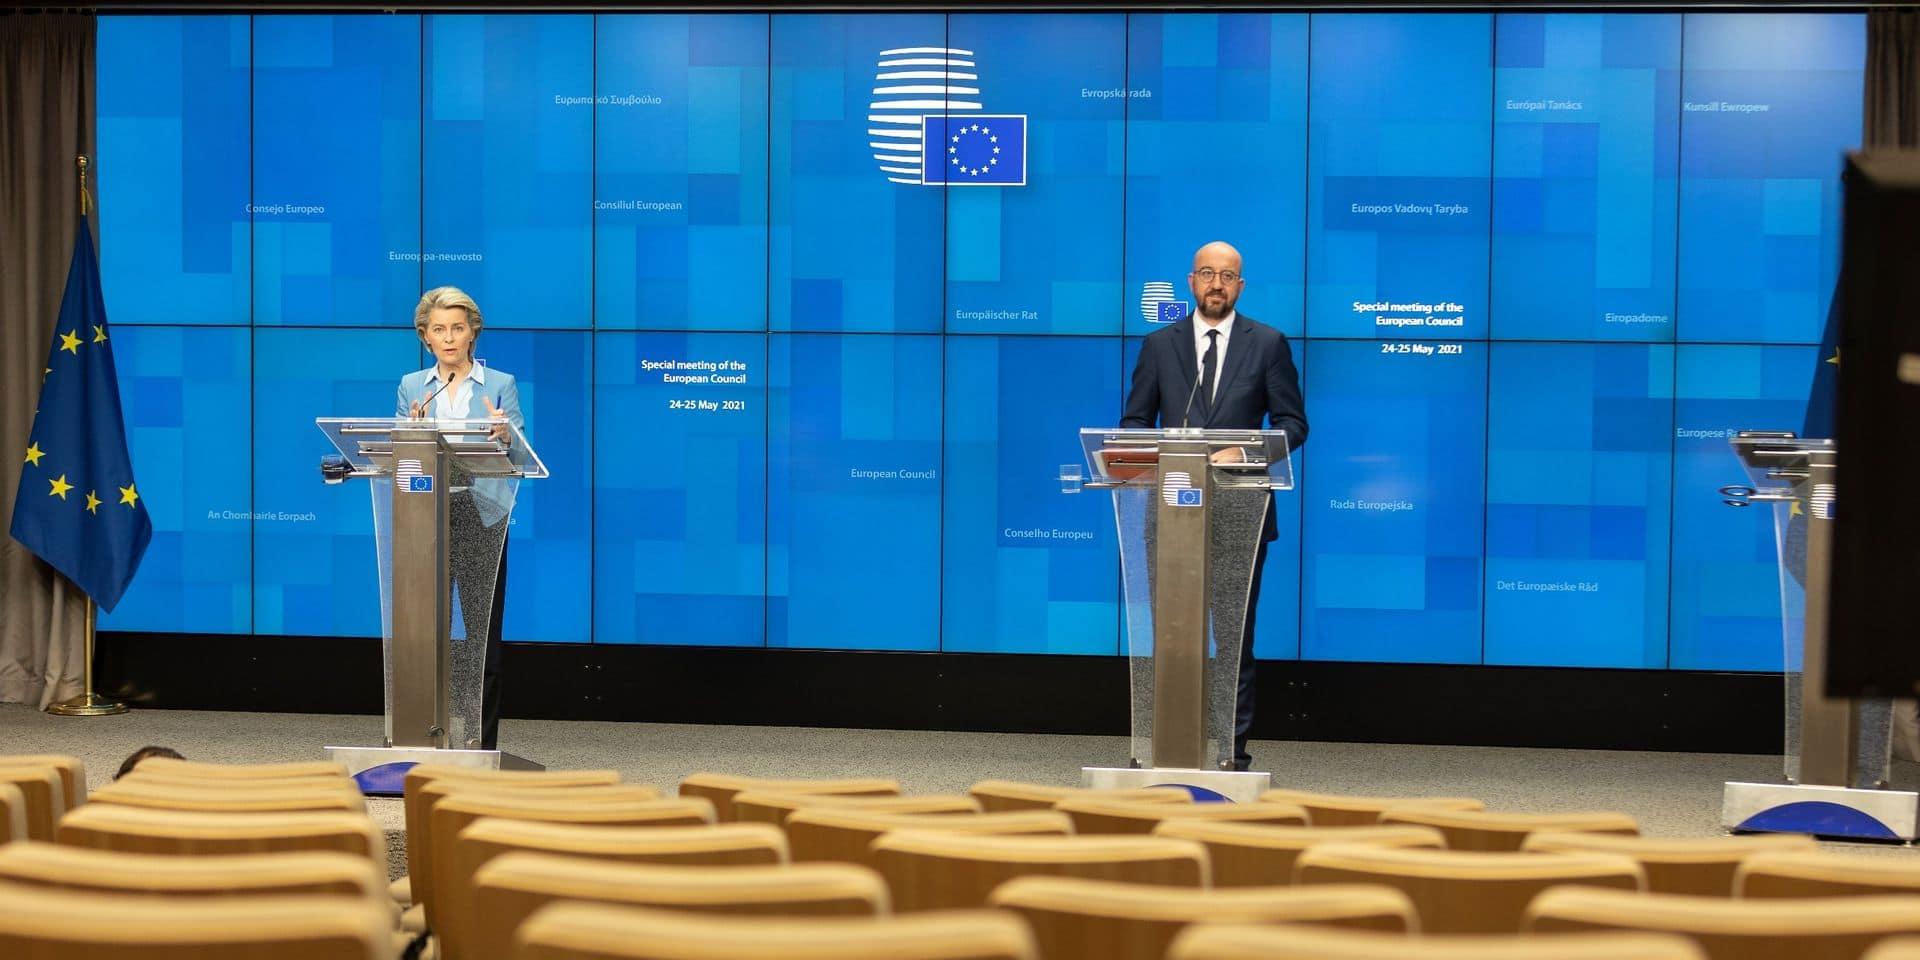 """L'UE prévoit jusqu'à 3 milliards d'euros d'aide à un """"futur Bélarus démocratique"""""""